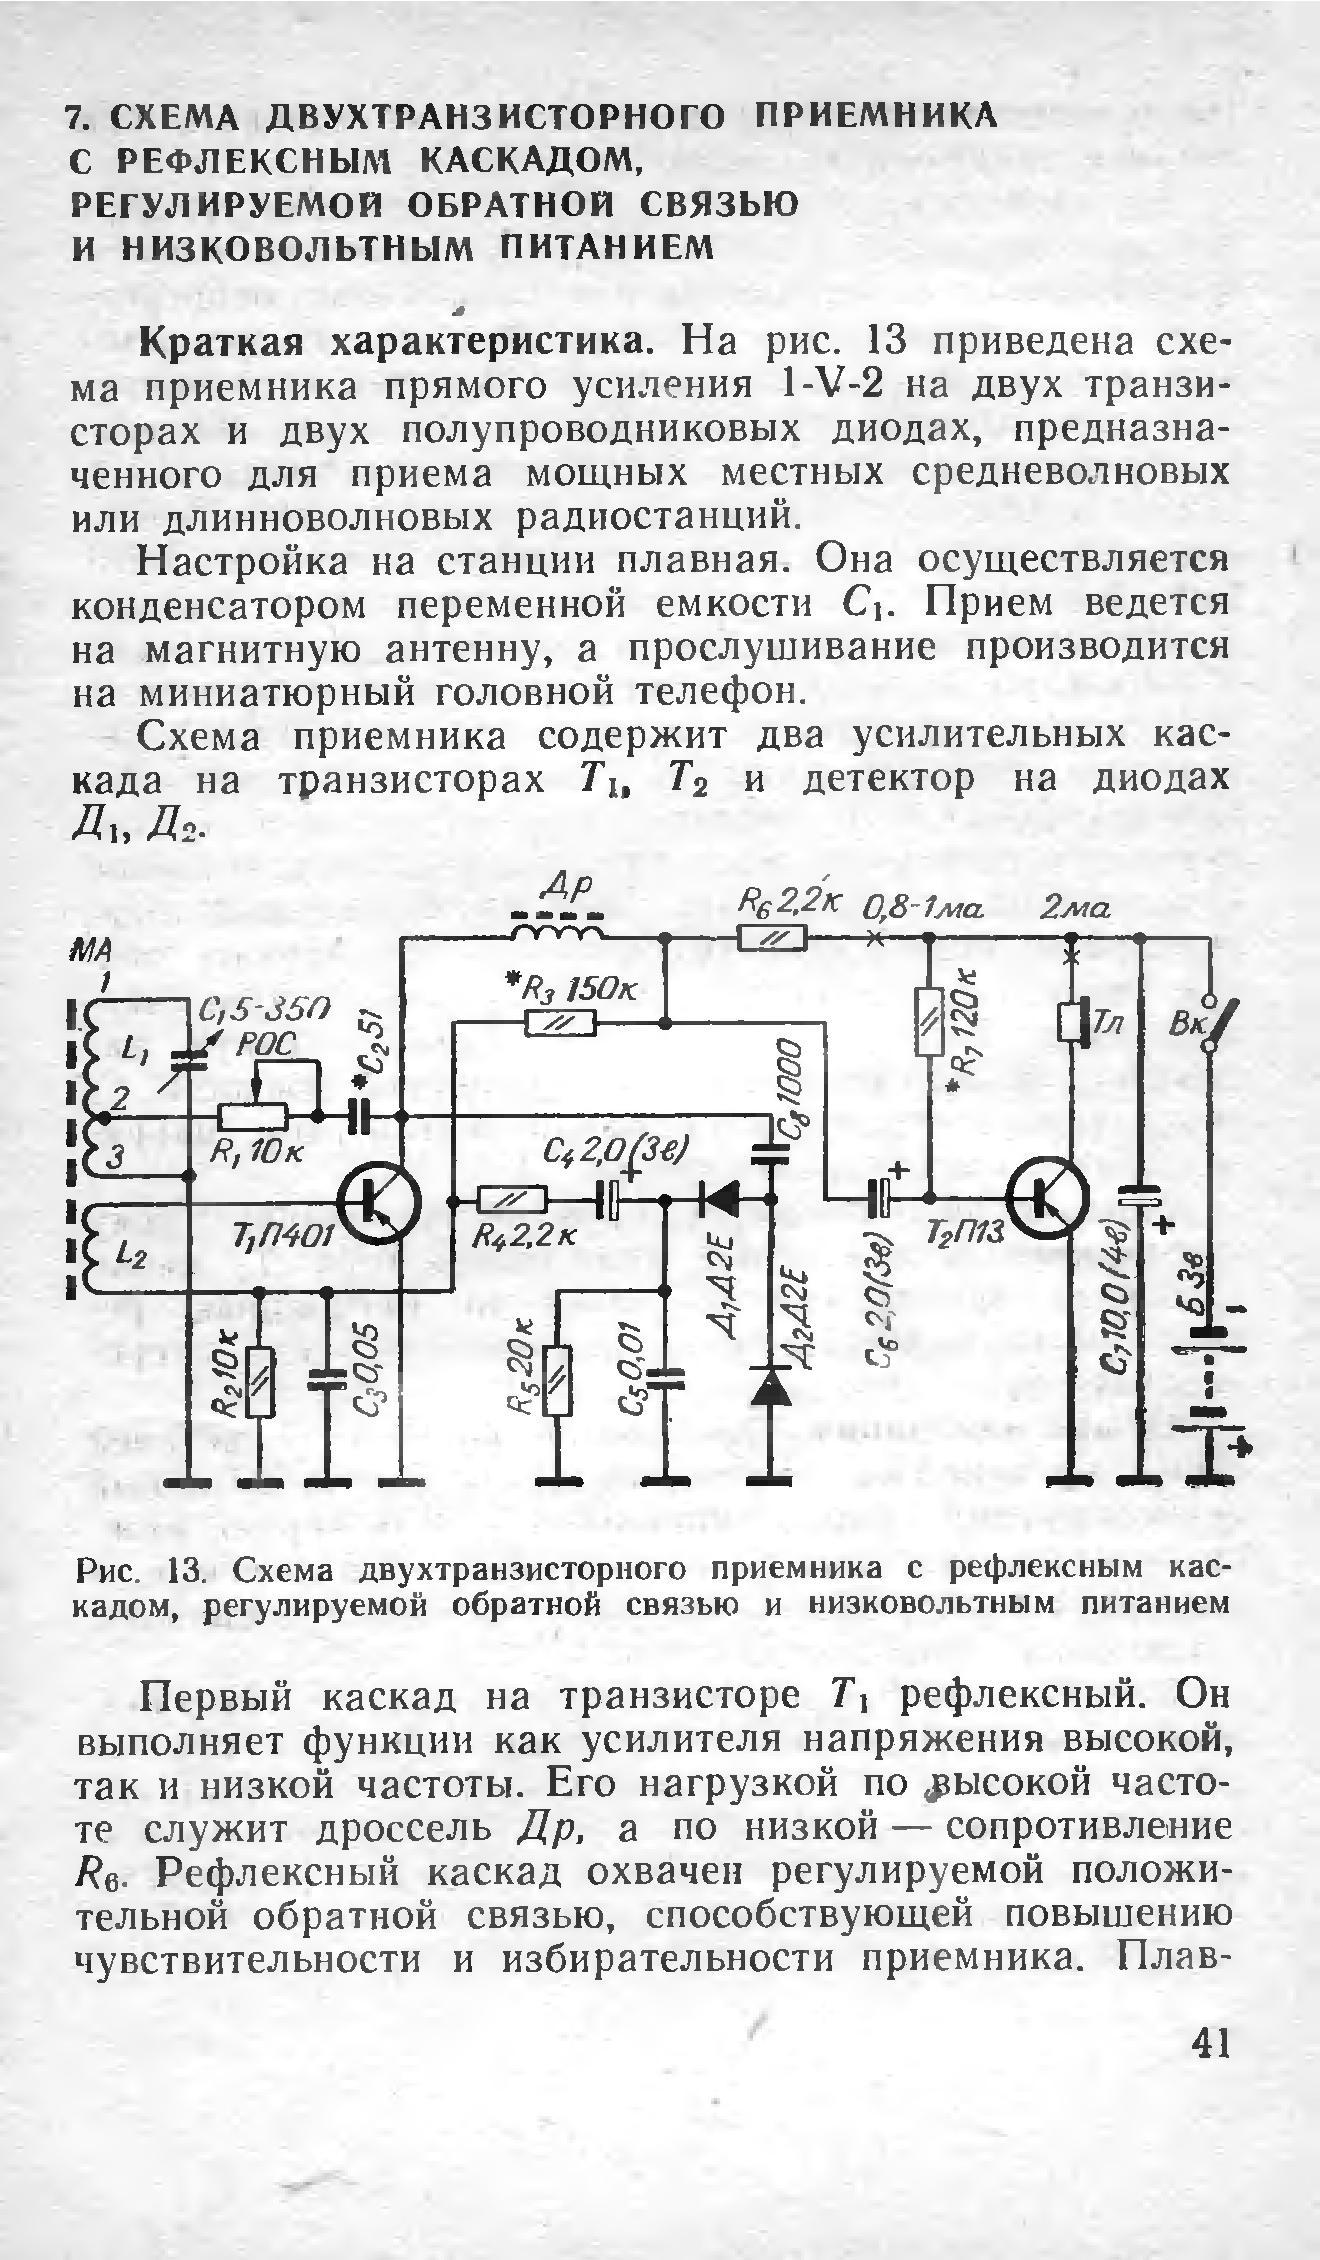 Справочник по микросхемам шило pdf скачать бесплатно